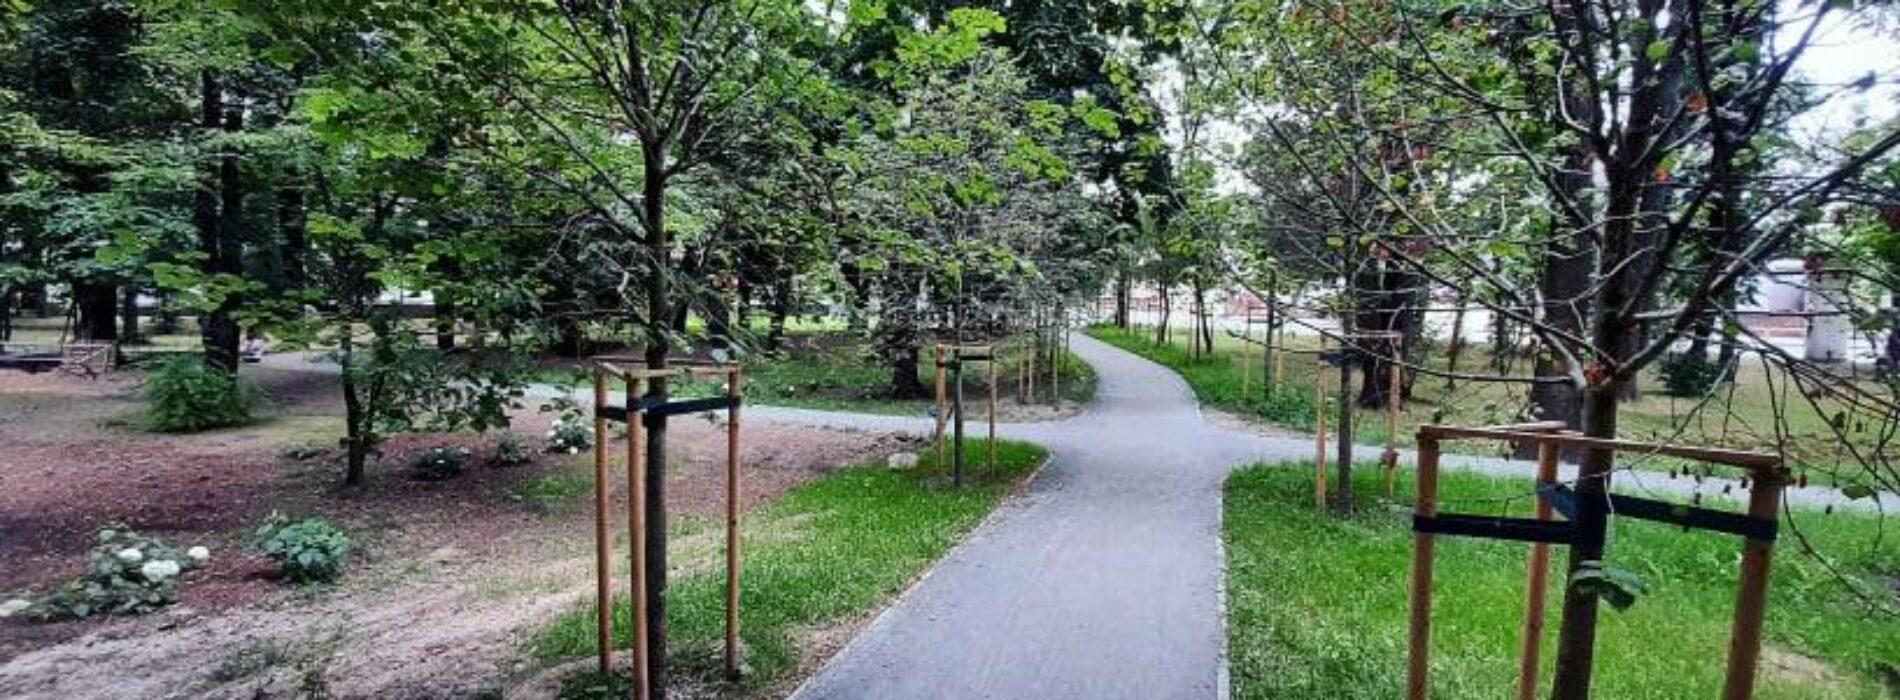 Trwa rewitalizacja Parku Młodzieżowego